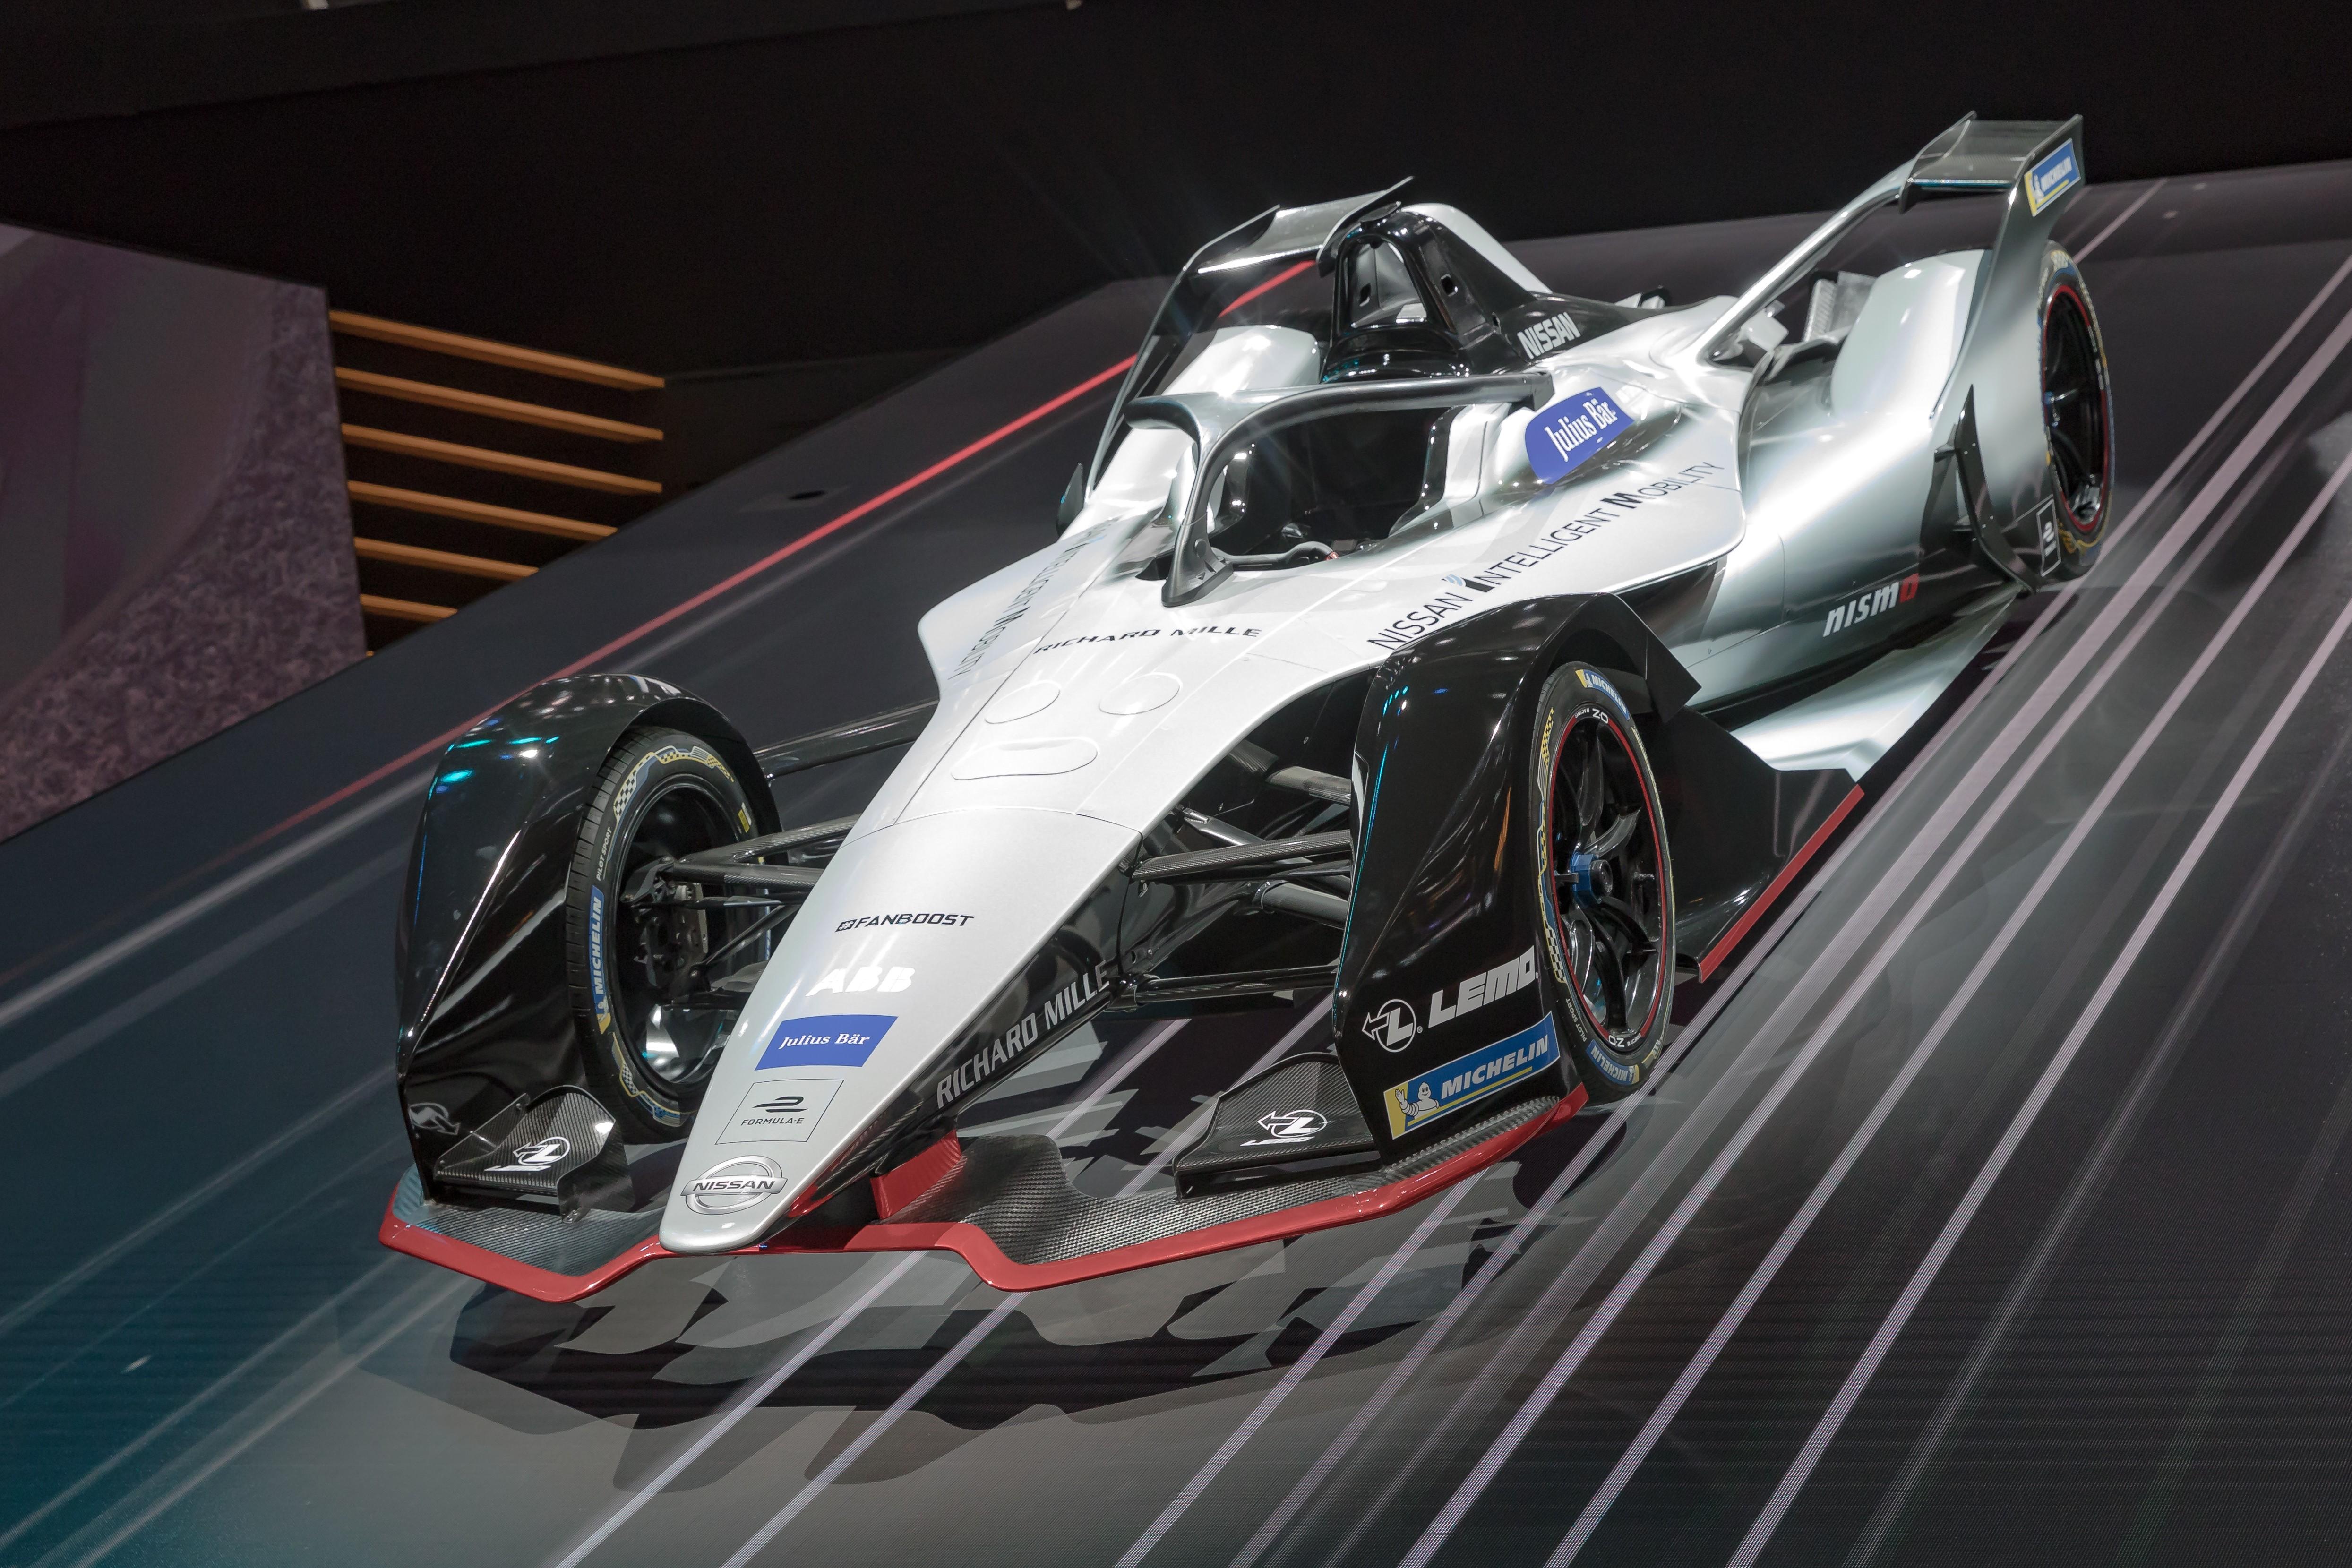 Calendario 2019 F1 Más Caliente 2018–19 formula E Season